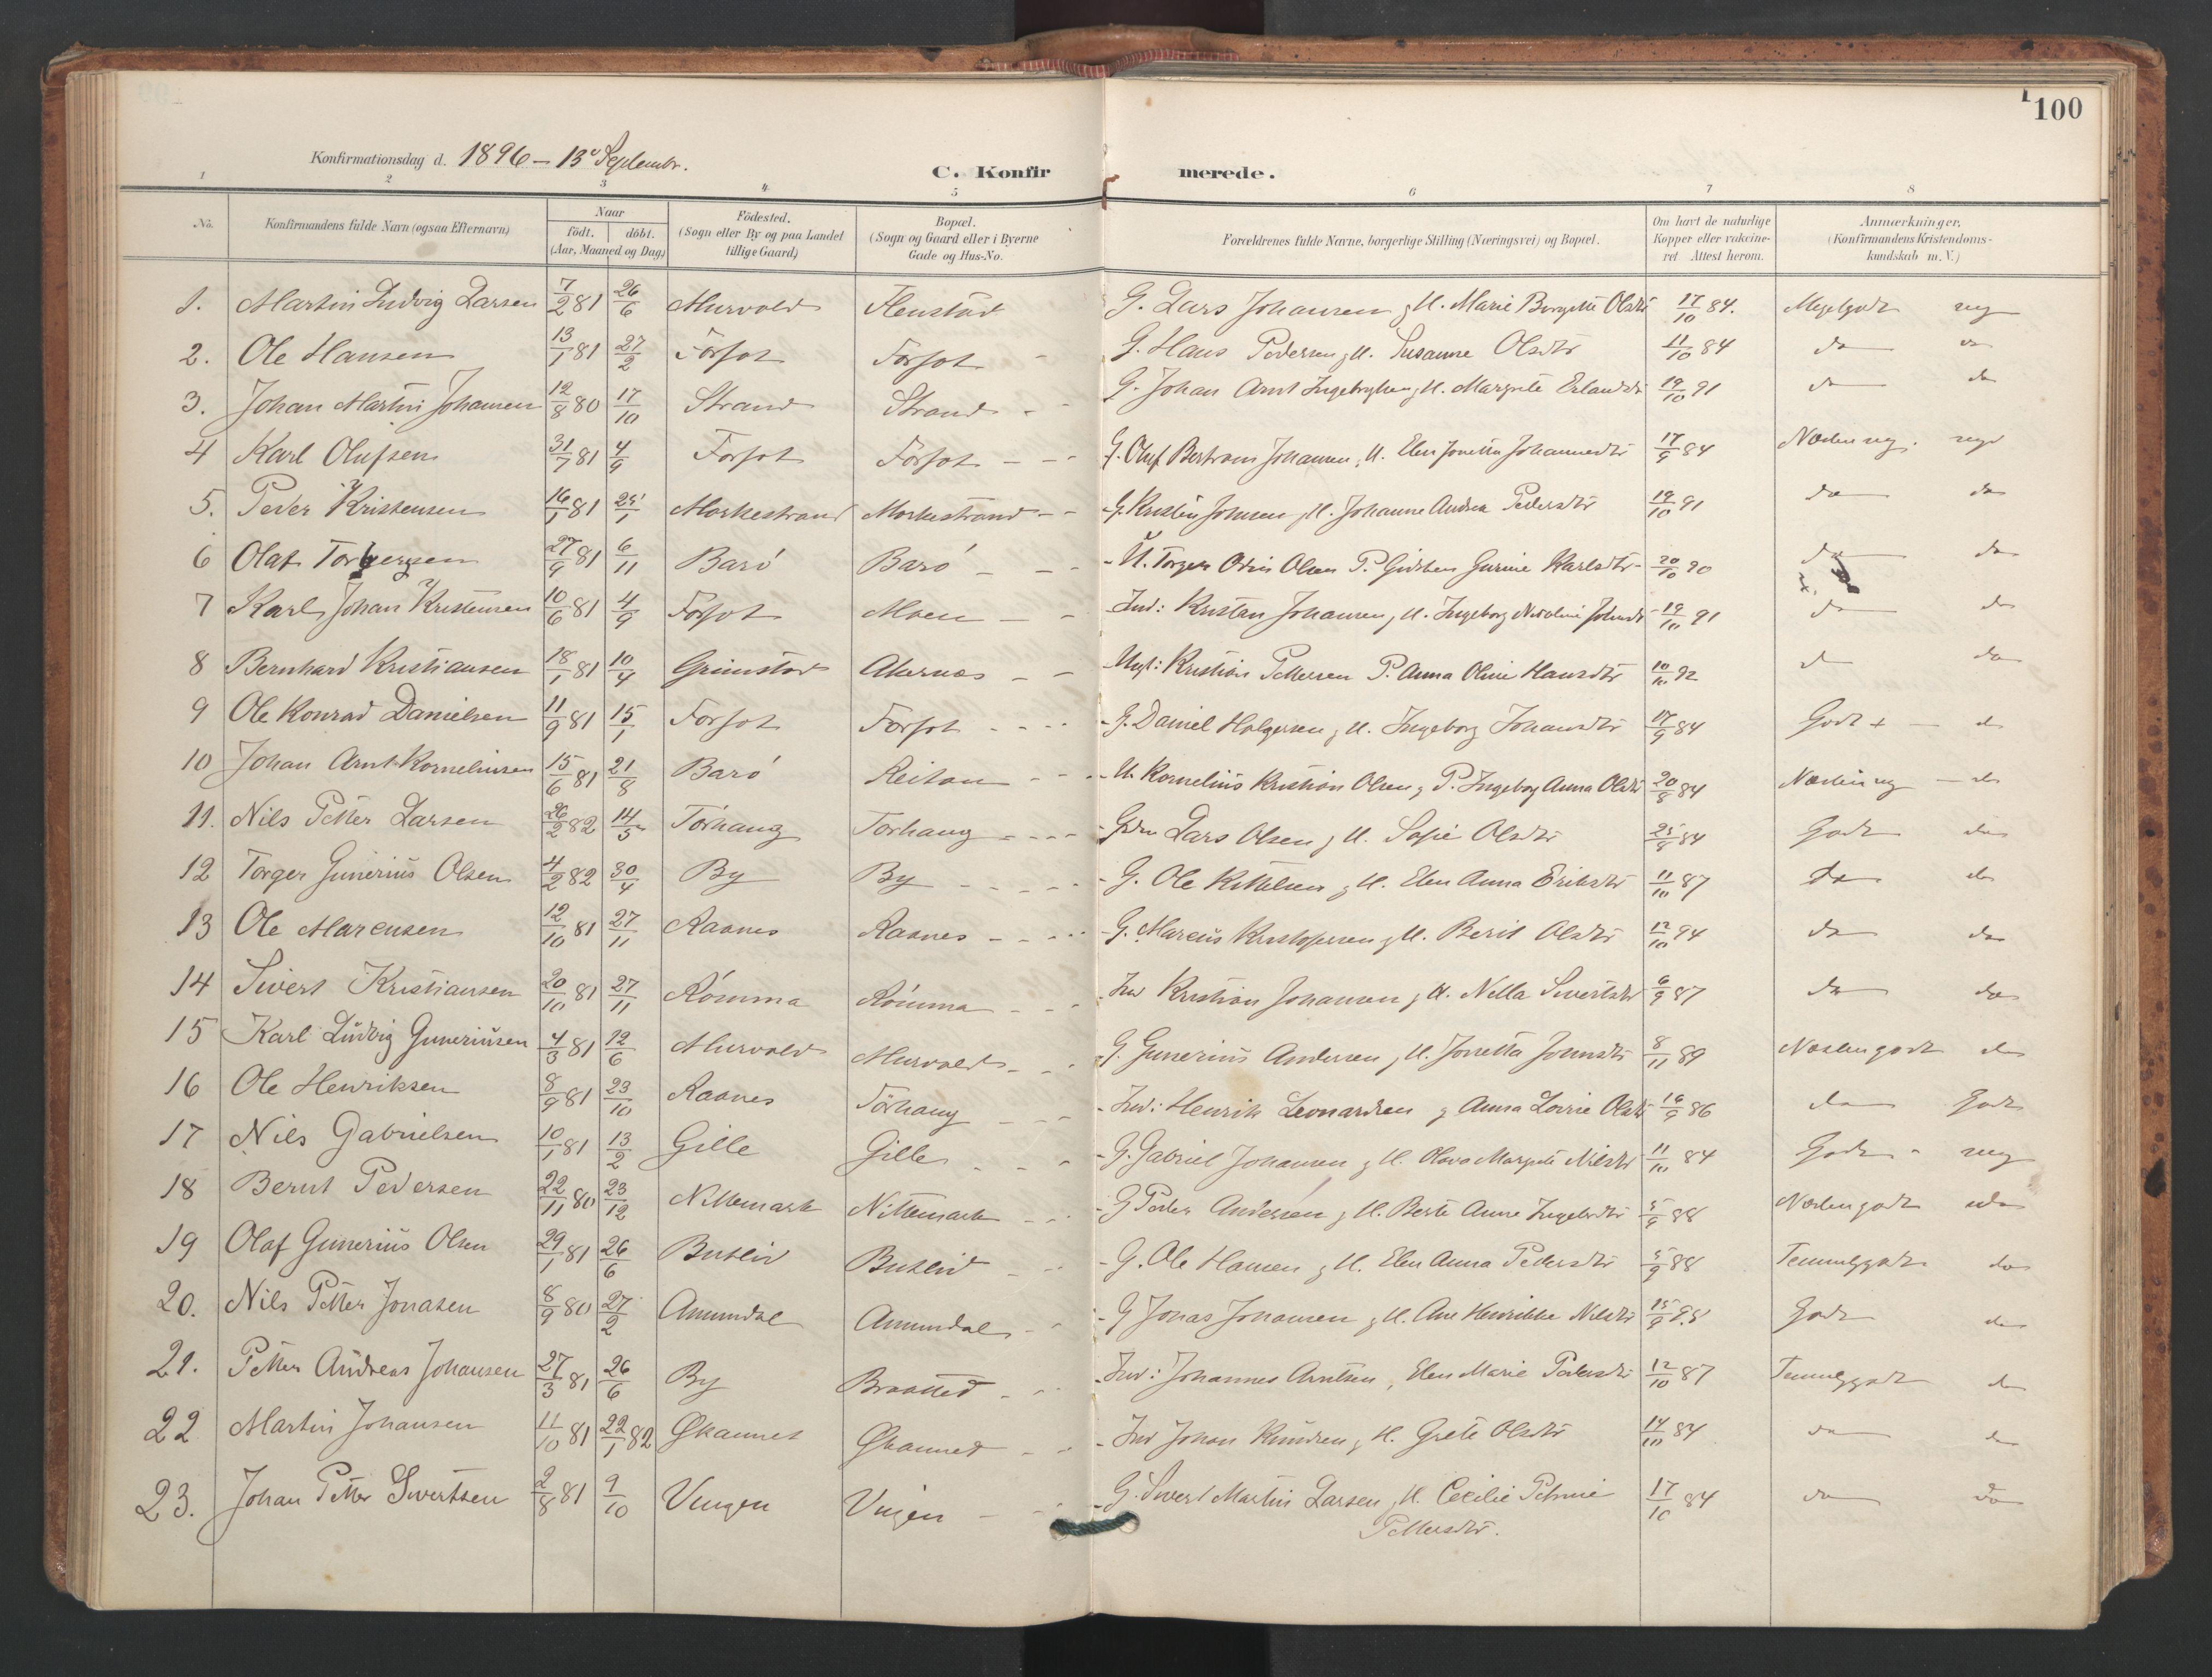 SAT, Ministerialprotokoller, klokkerbøker og fødselsregistre - Sør-Trøndelag, 655/L0681: Ministerialbok nr. 655A10, 1895-1907, s. 100